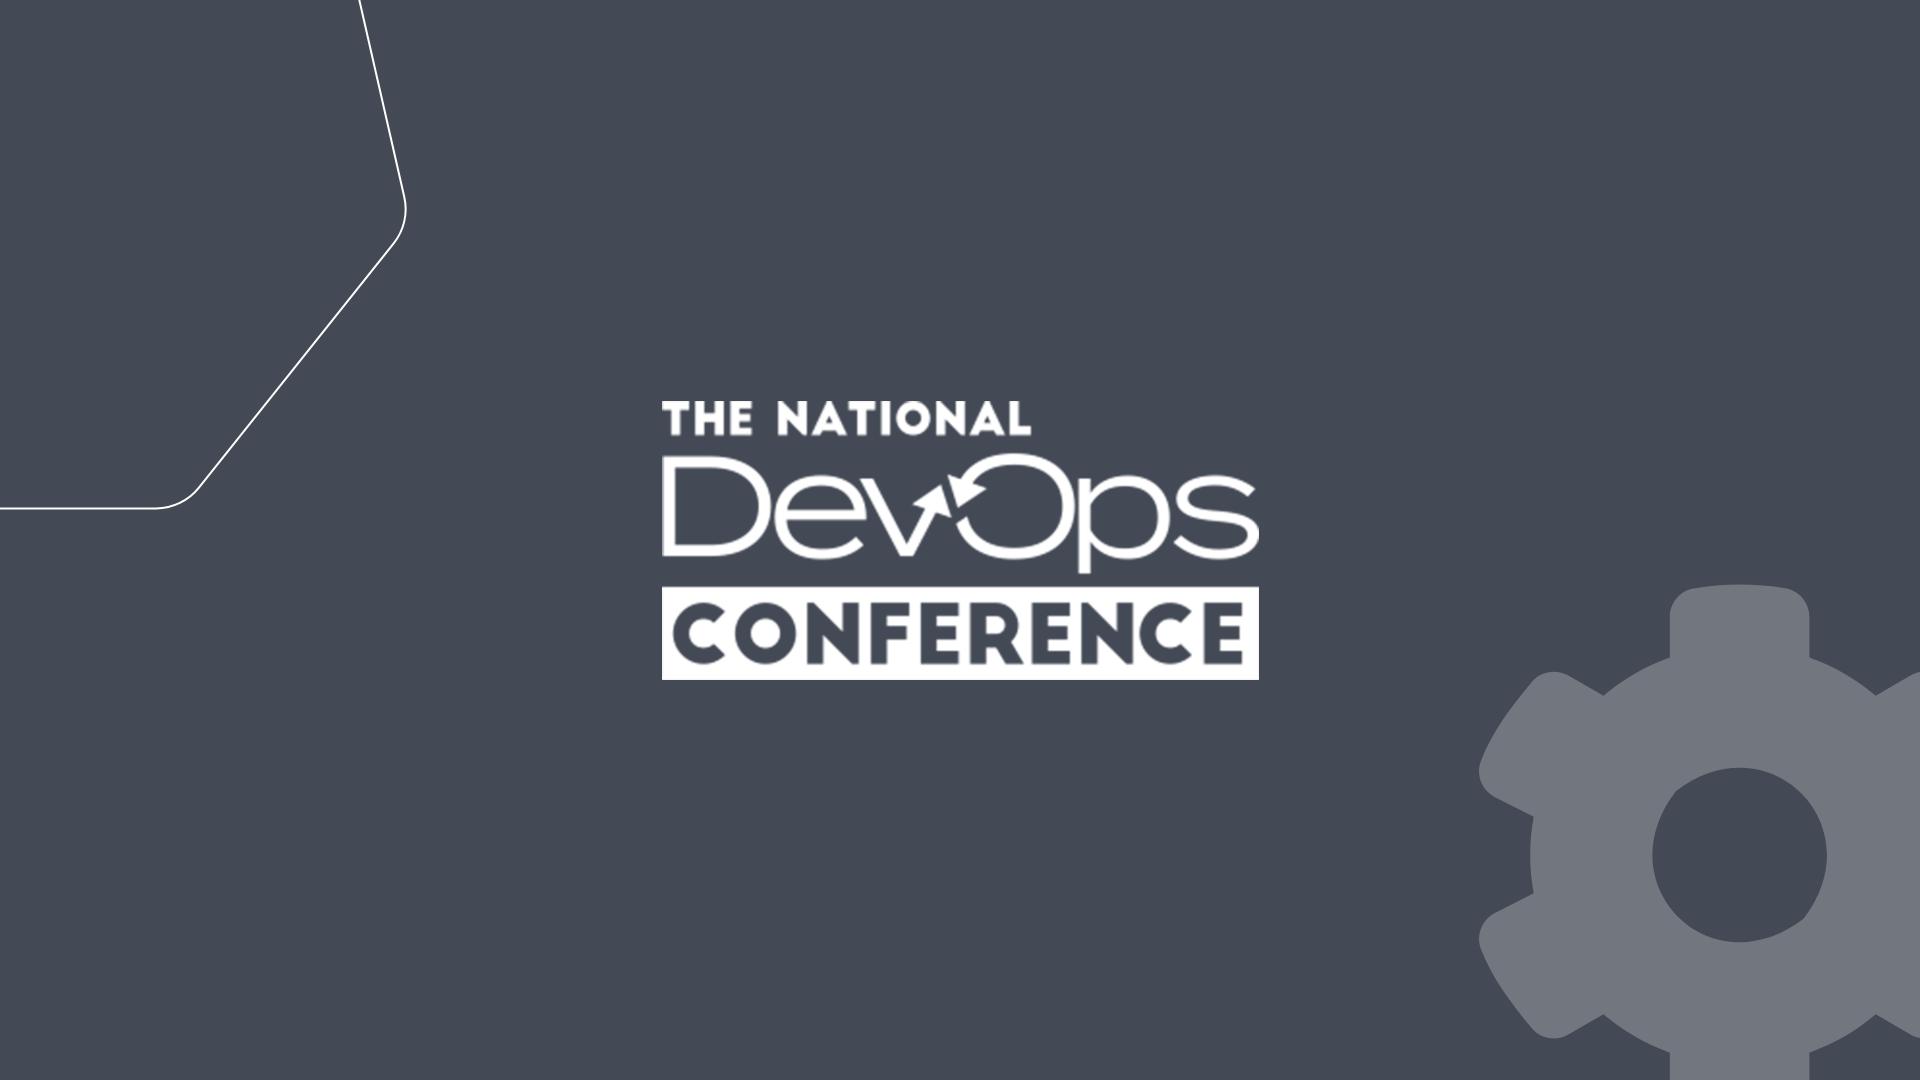 National DevOps Conference